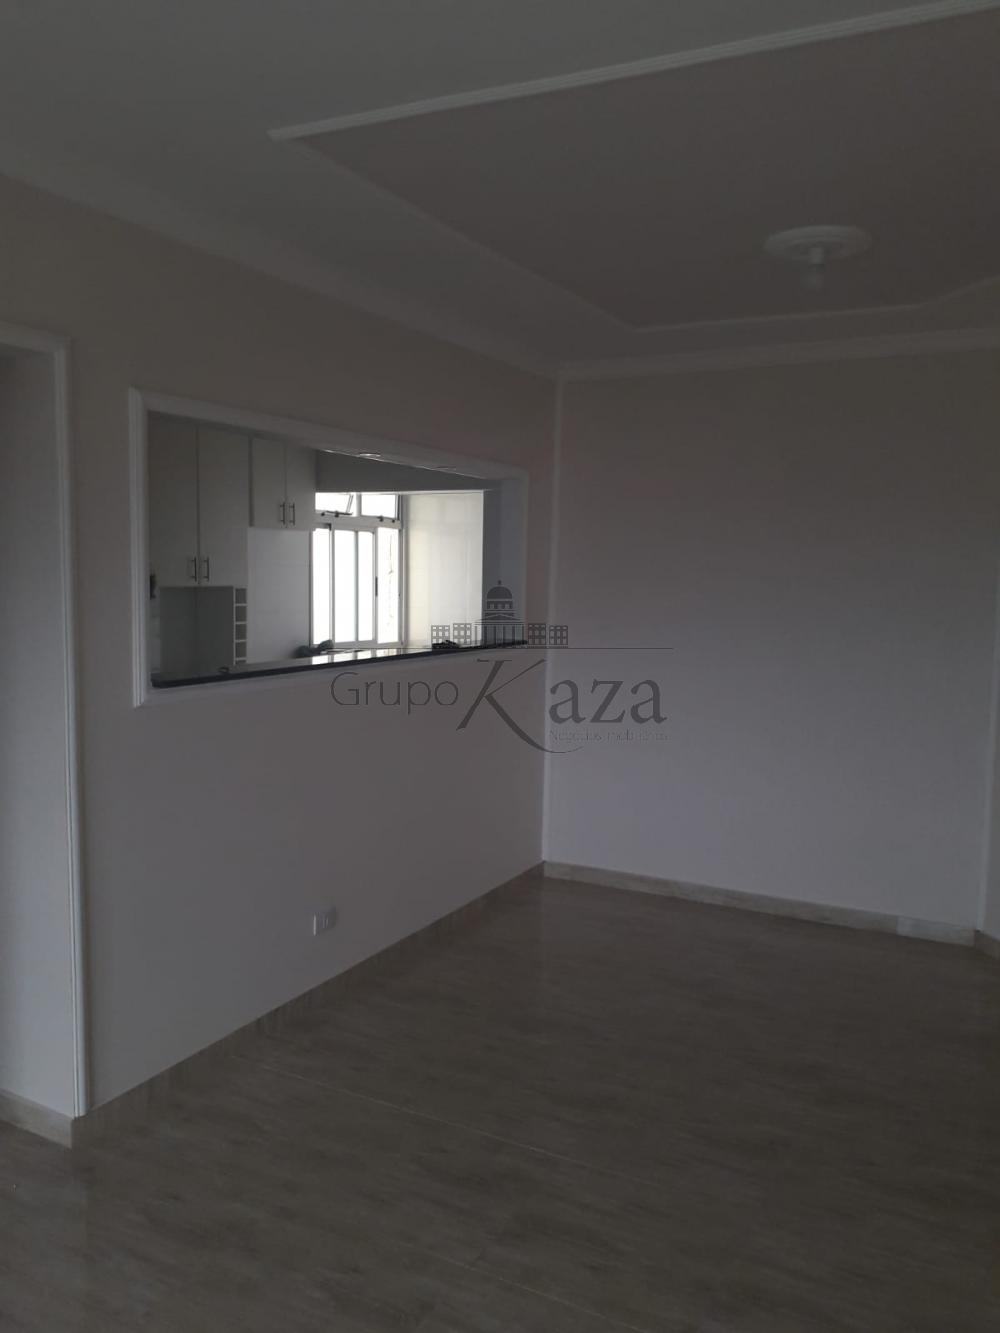 alt='Comprar Apartamento / Padrão em São José dos Campos R$ 373.000,00 - Foto 1' title='Comprar Apartamento / Padrão em São José dos Campos R$ 373.000,00 - Foto 1'